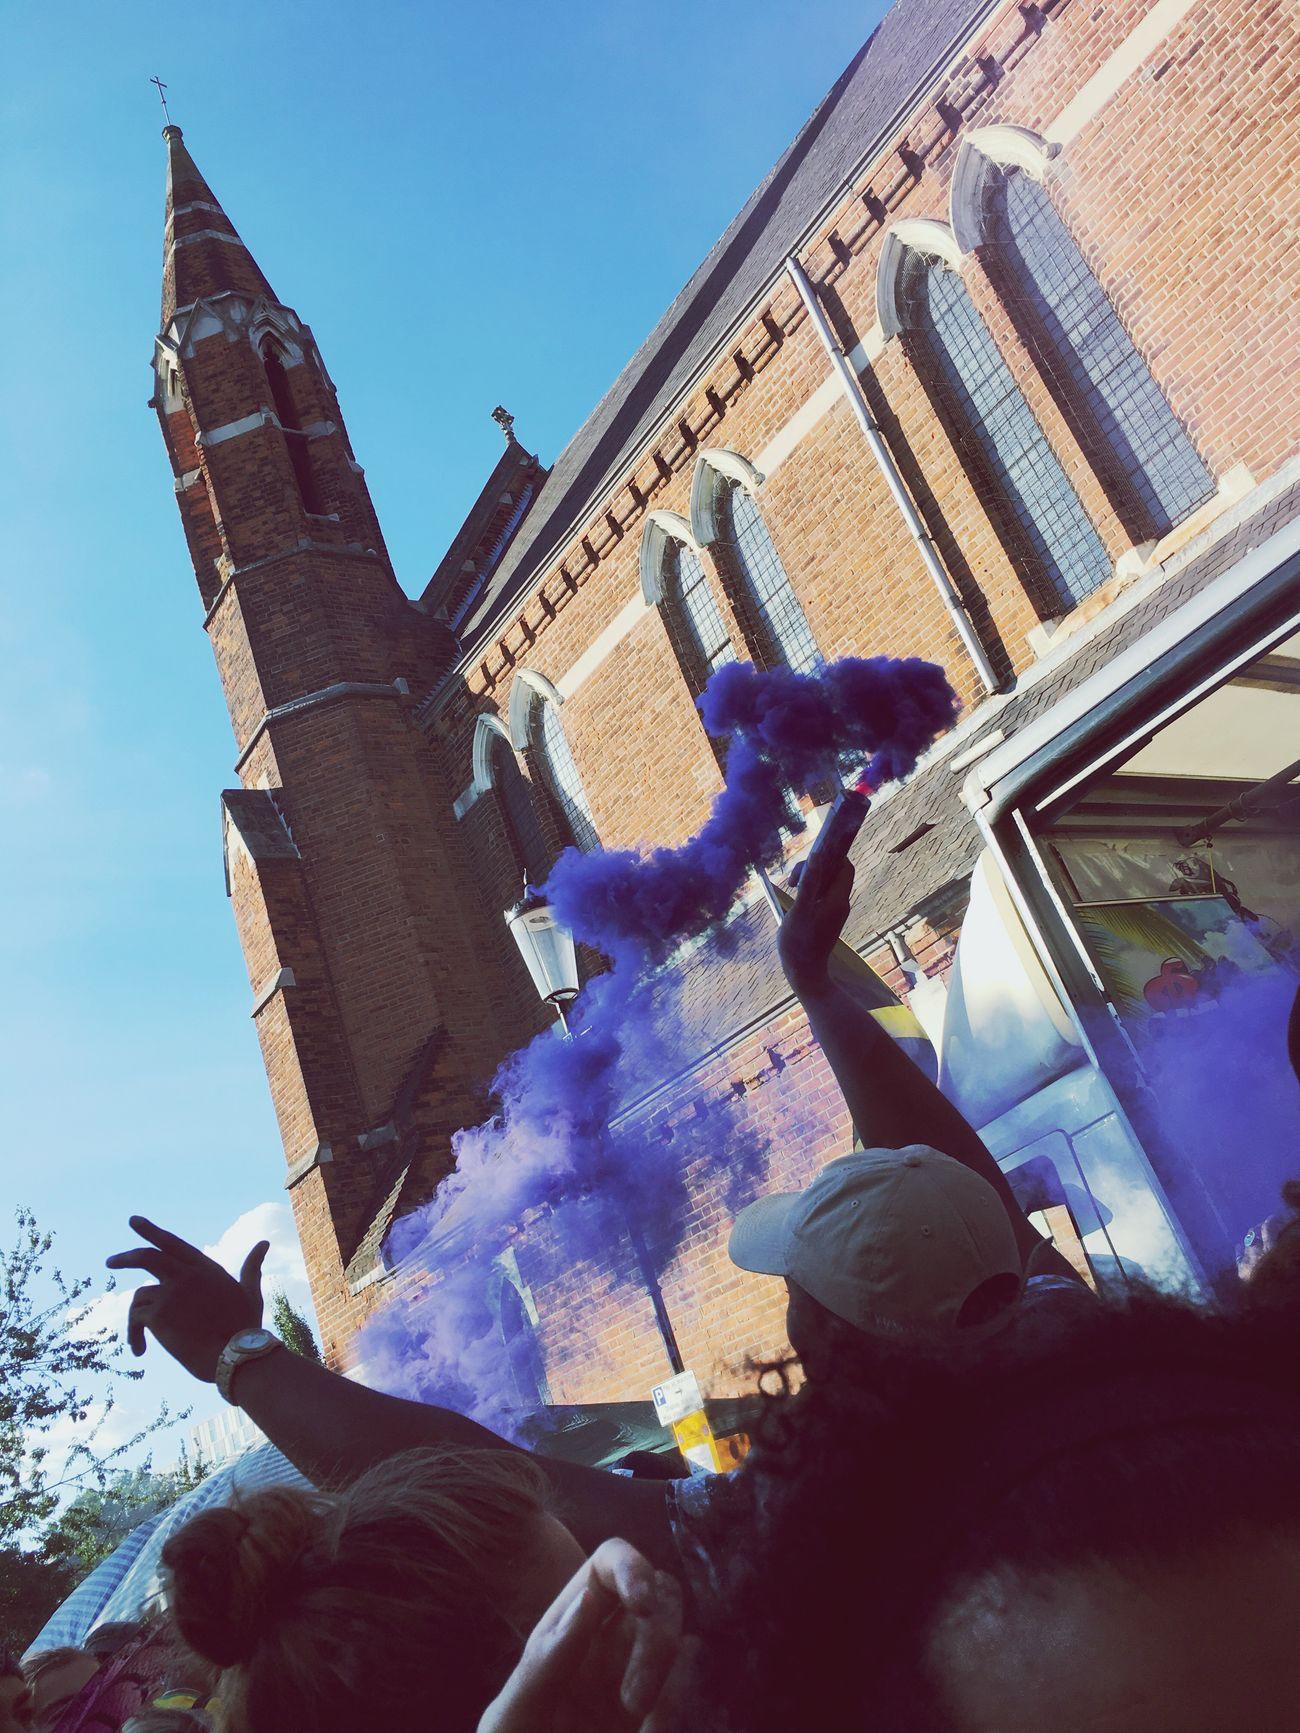 Pyro Party Smoke Carnival Purple Crowd